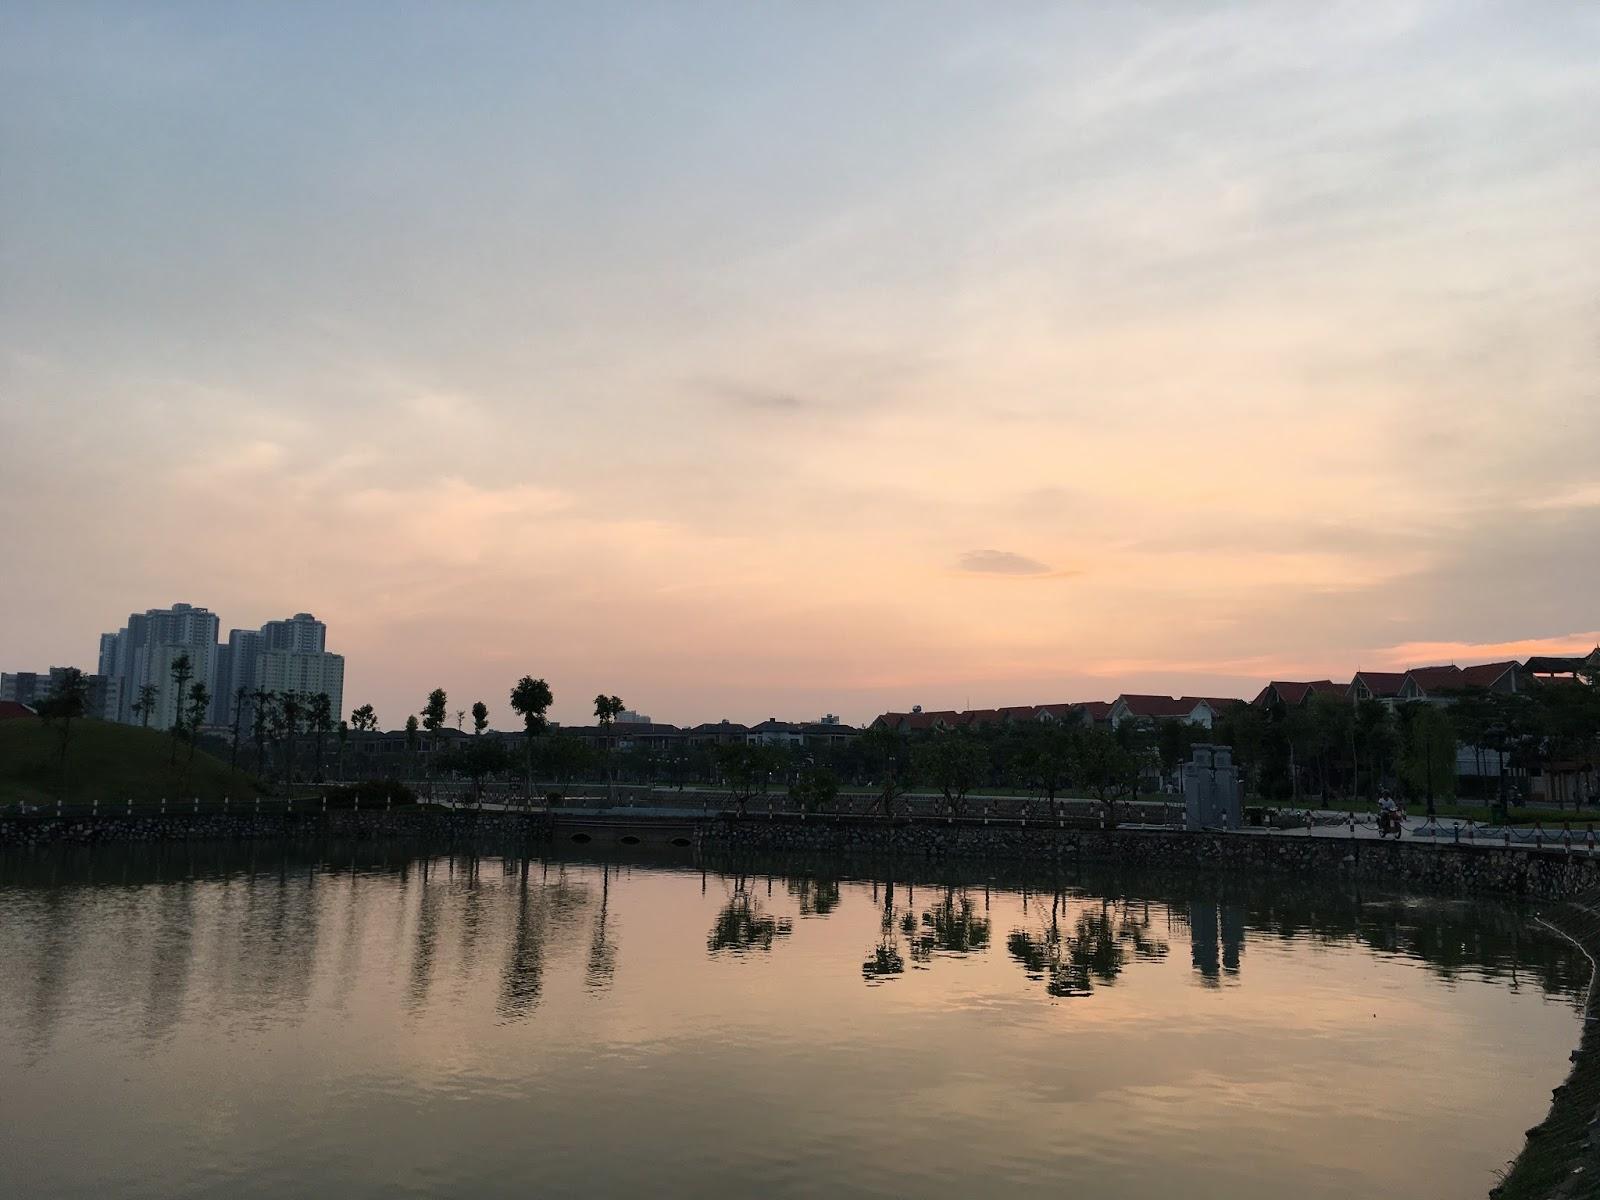 Phía hồ đối diện chung cư là các dãy biệt thự liền kề